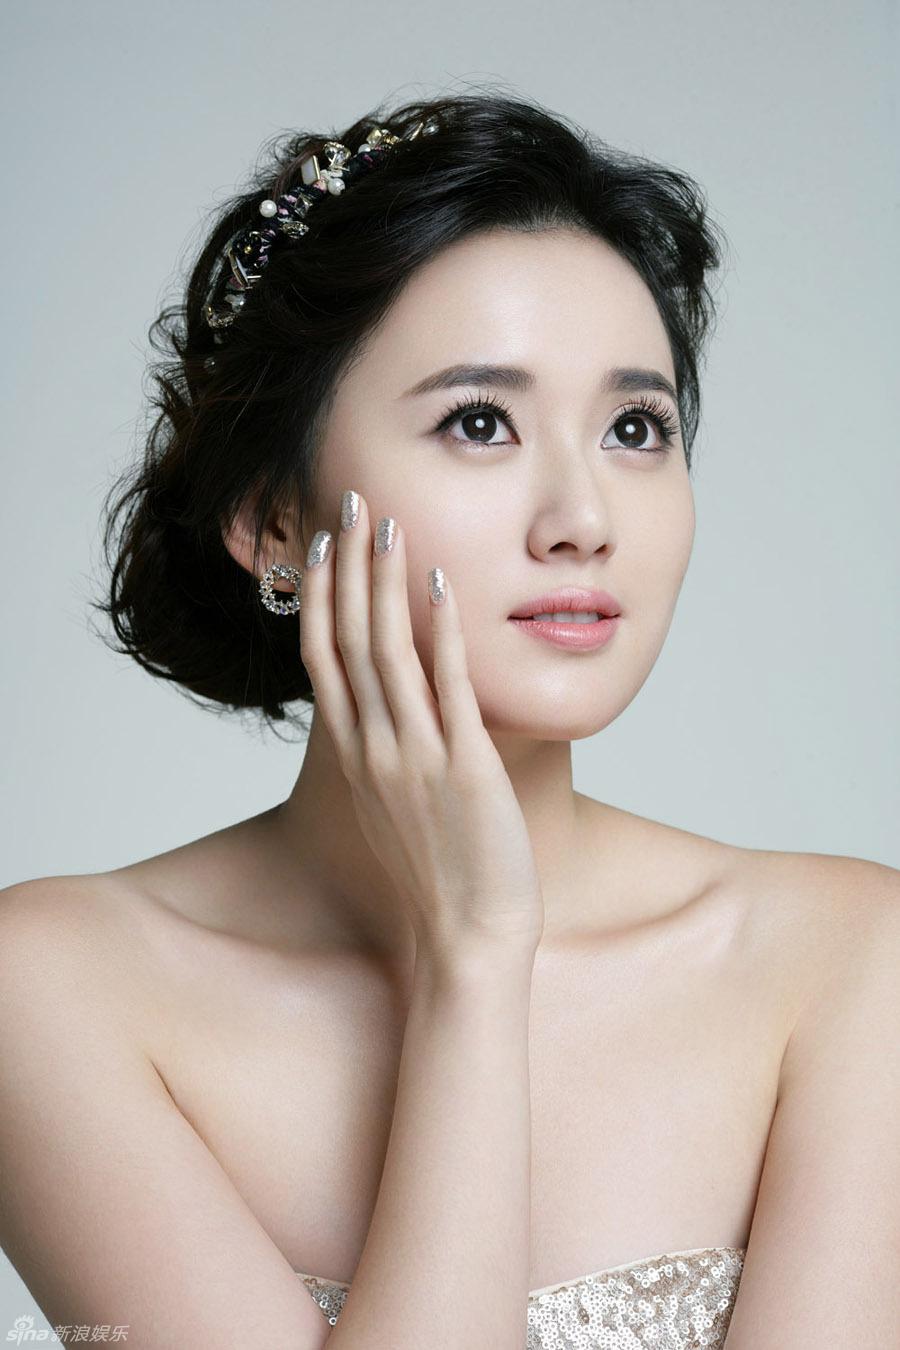 http://www.sinaimg.cn/dy/slidenews/4_img/2013_19/704_957916_491344.jpg